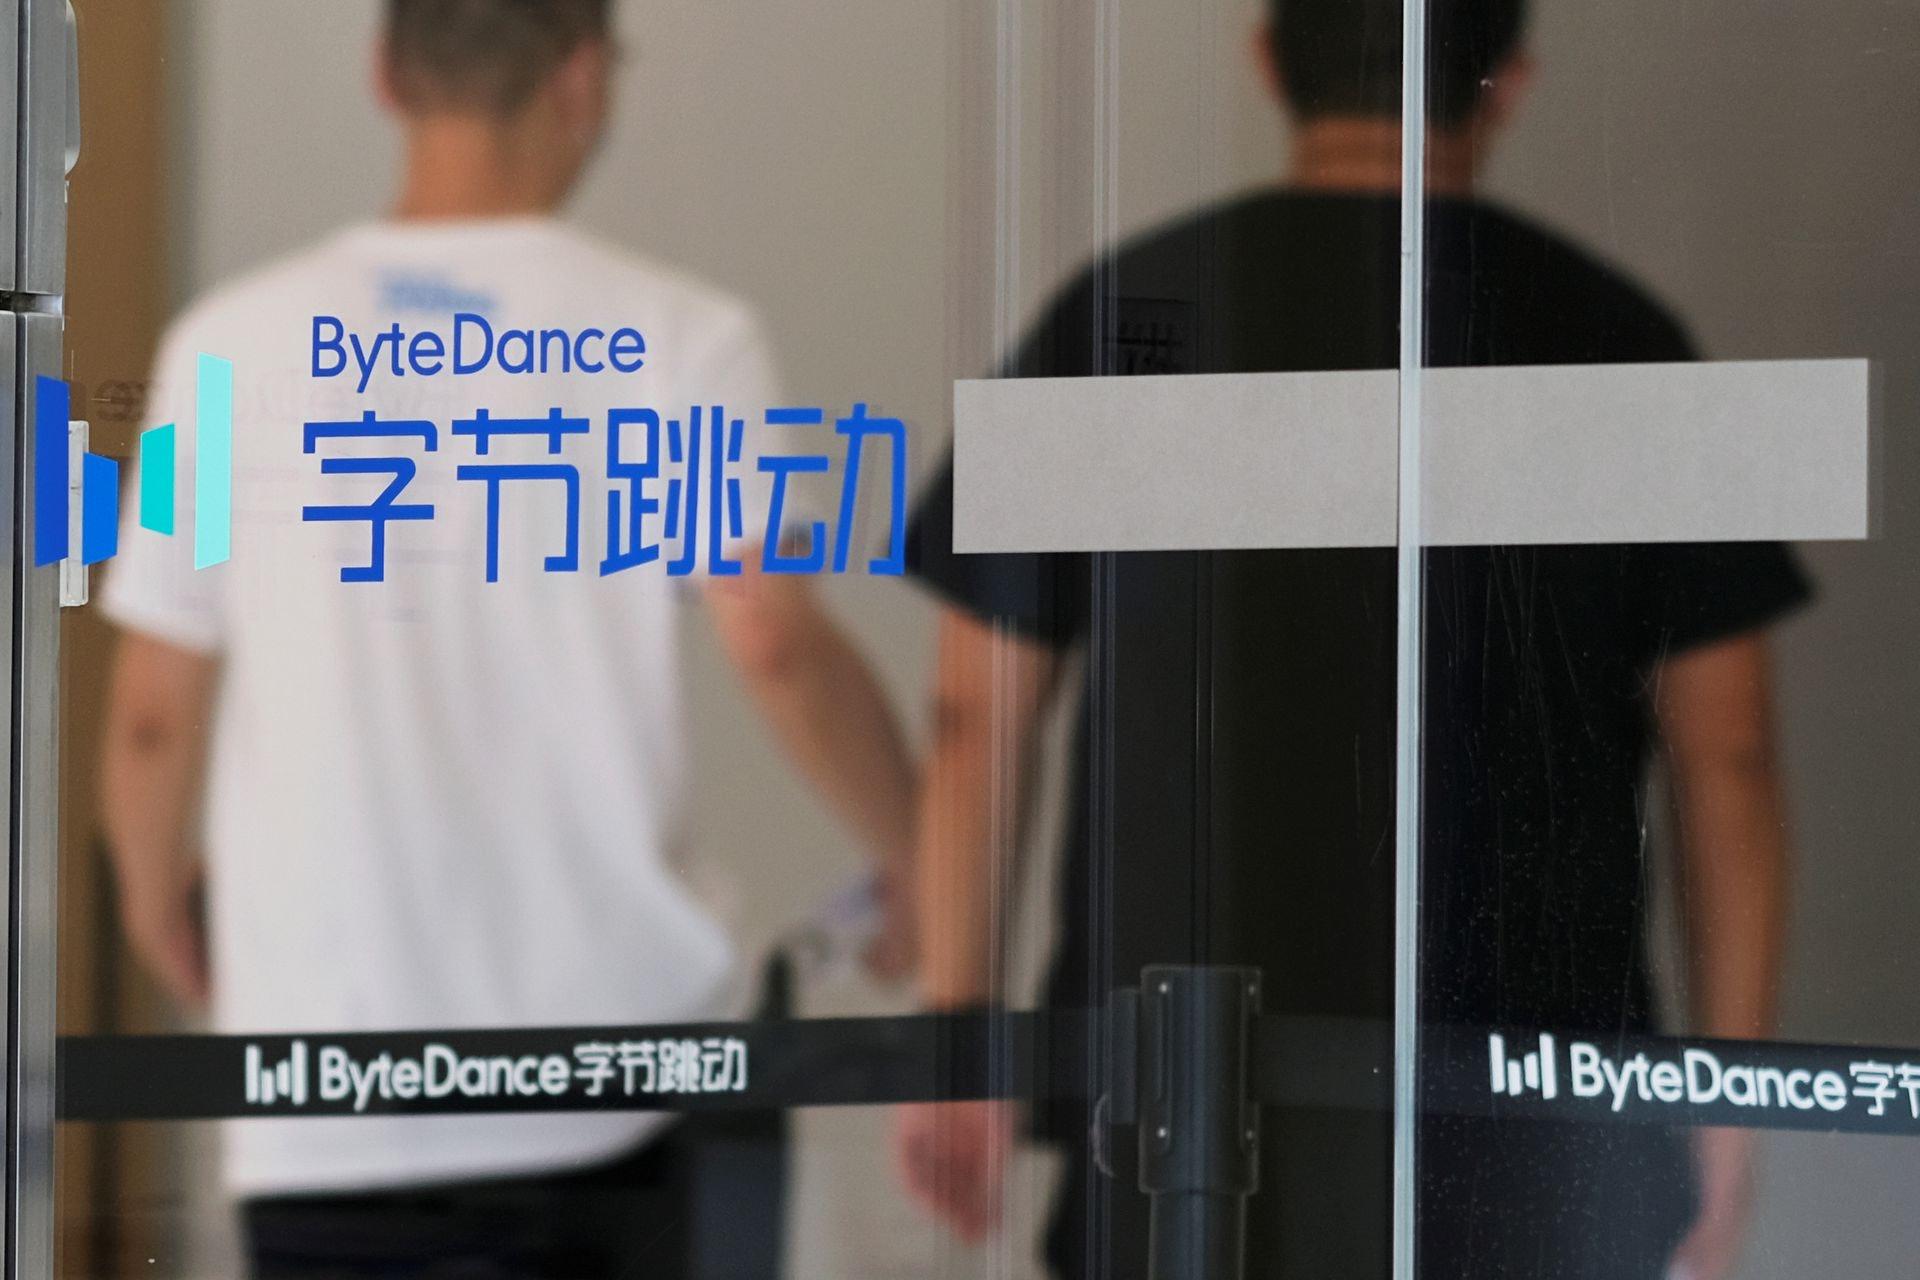 美国「封杀」TikTok:TikTok对字节跳动来说是最成功的海外平台。 路透社2020年7月29日引述消息人士报道,字节跳动的投资者将TikTok的估值定为500亿美元。 图为2020年7月7日镜头下位于中国北京的字节跳动办公室。 (Reuters)